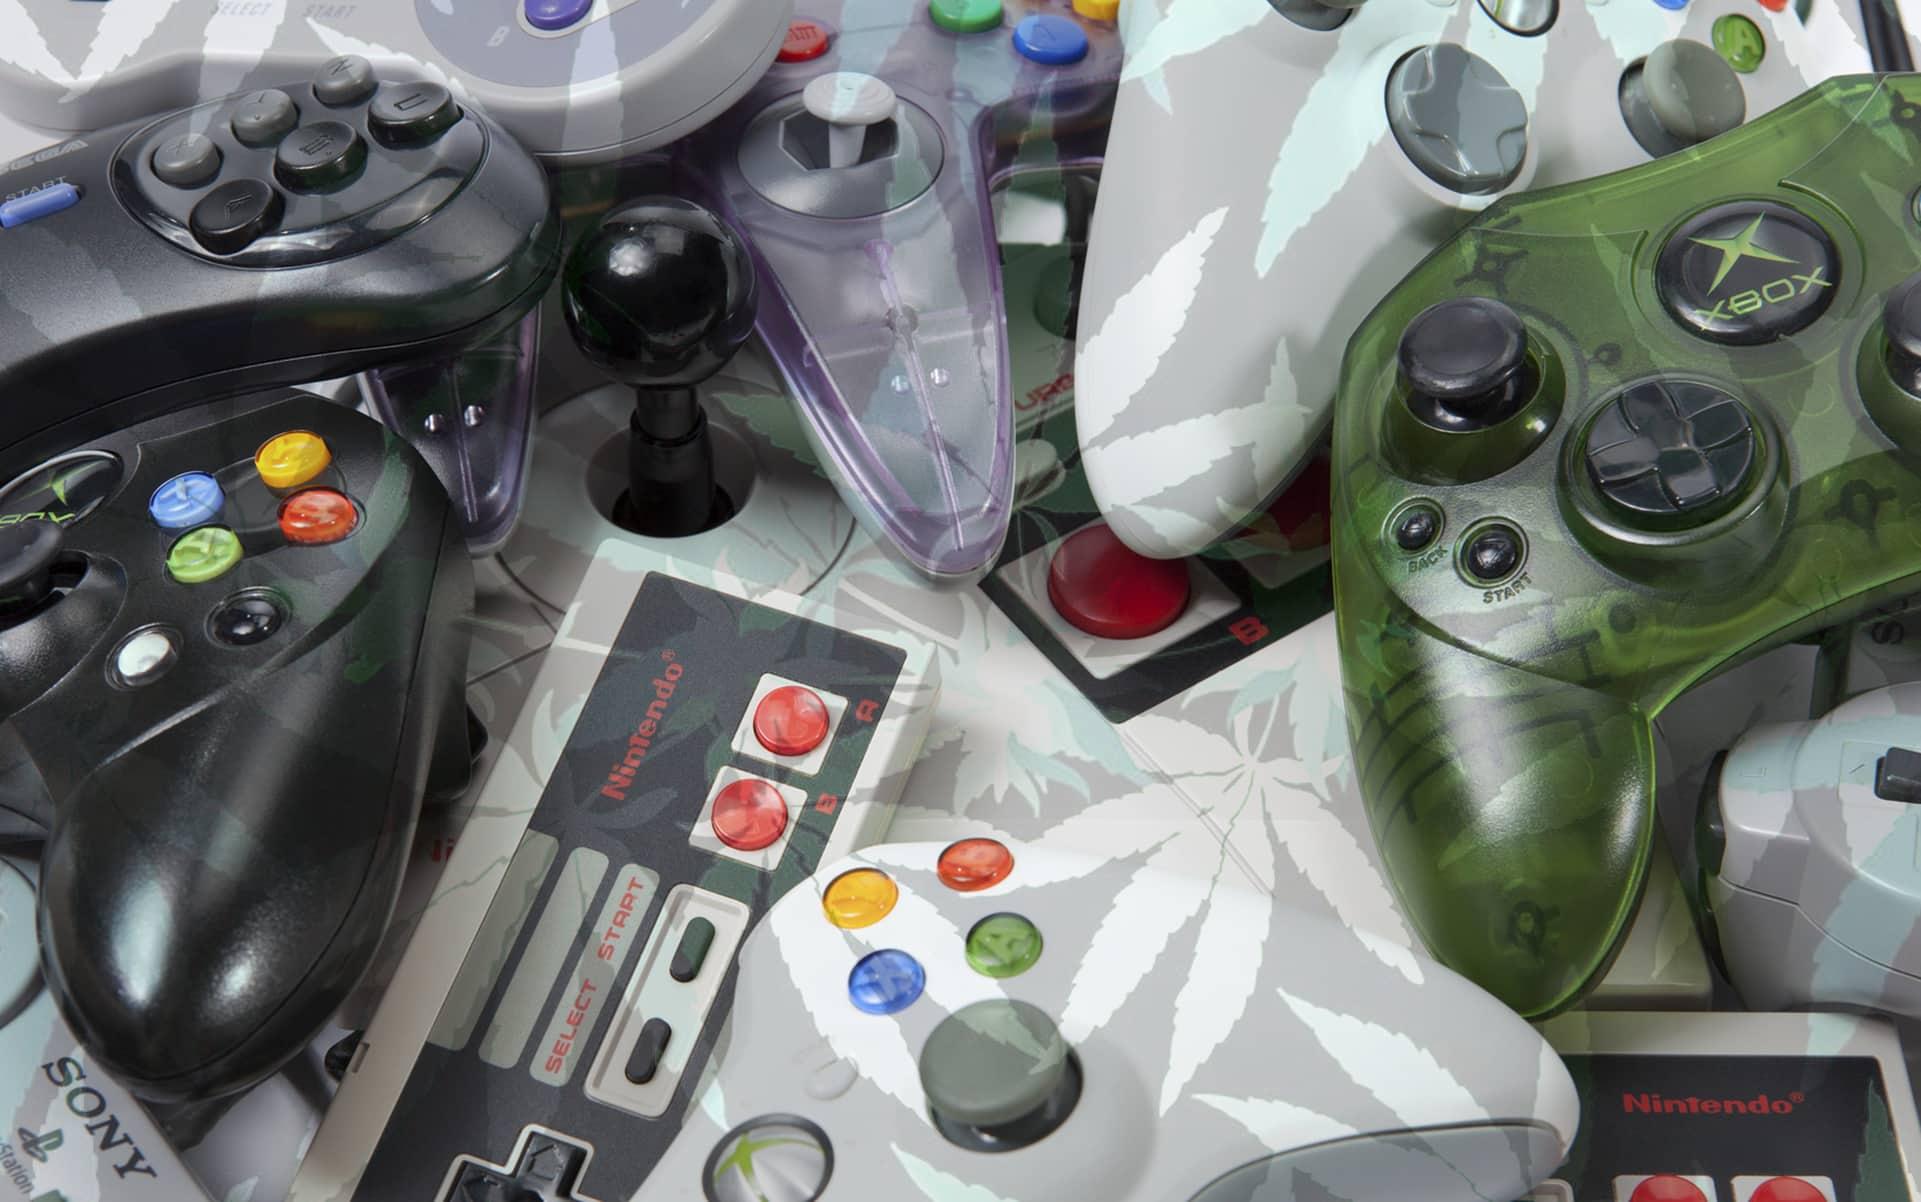 Videojuegos y cannabis ayudarían a prevenir el Alzheimer